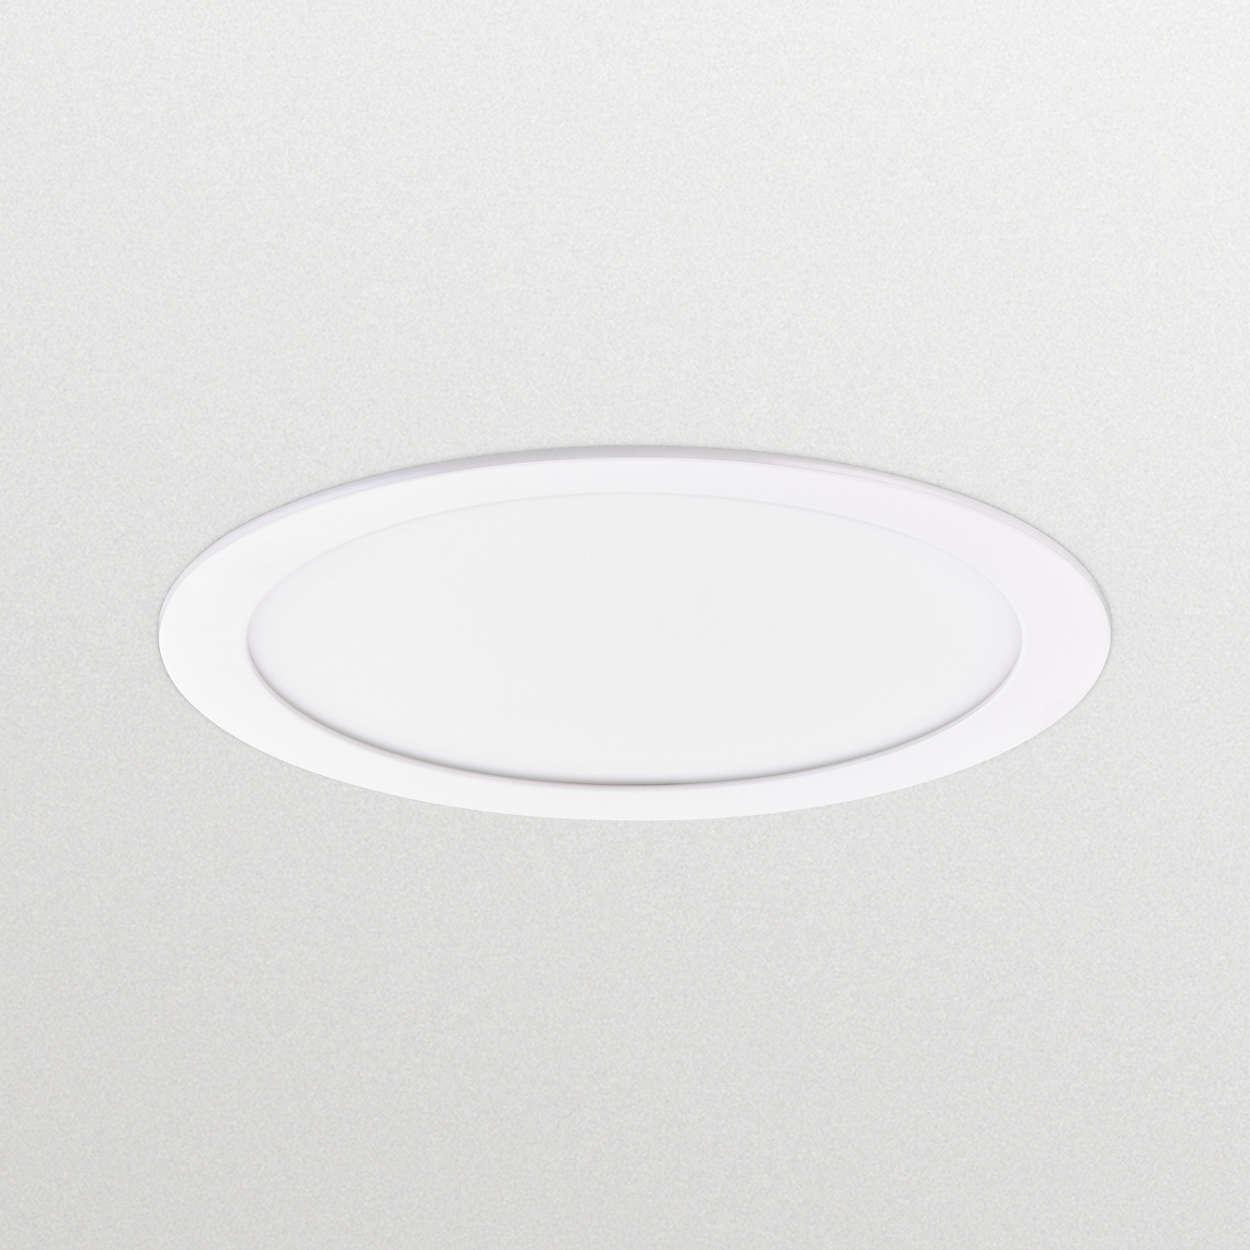 CoreLine SlimDownlight - la opción clara de LED